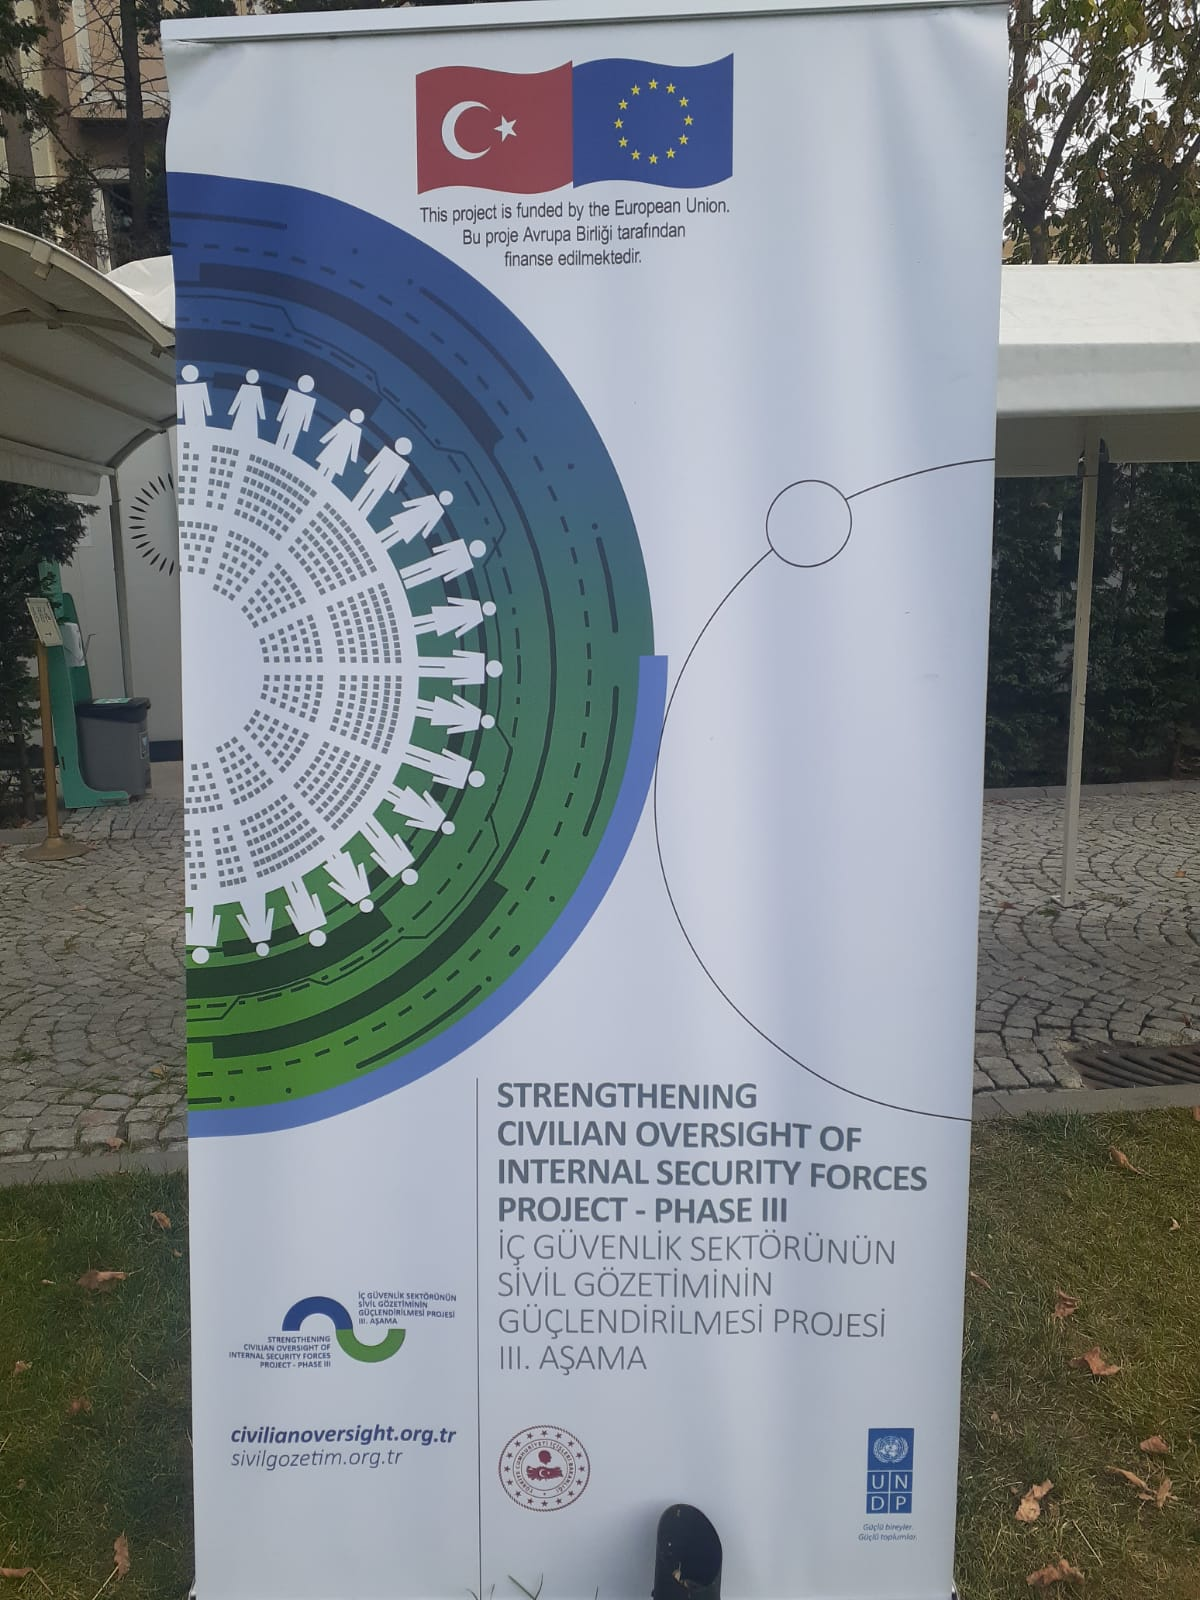 Kadıköy Tarihi Çarşısı Derneği , Avrupa Birliği tarafından finanse edilen , iç güvenlik sektörünün sivil gözetiminin güçlendirilmesi projesi 3.cü aşaması çalıştayına katıldı